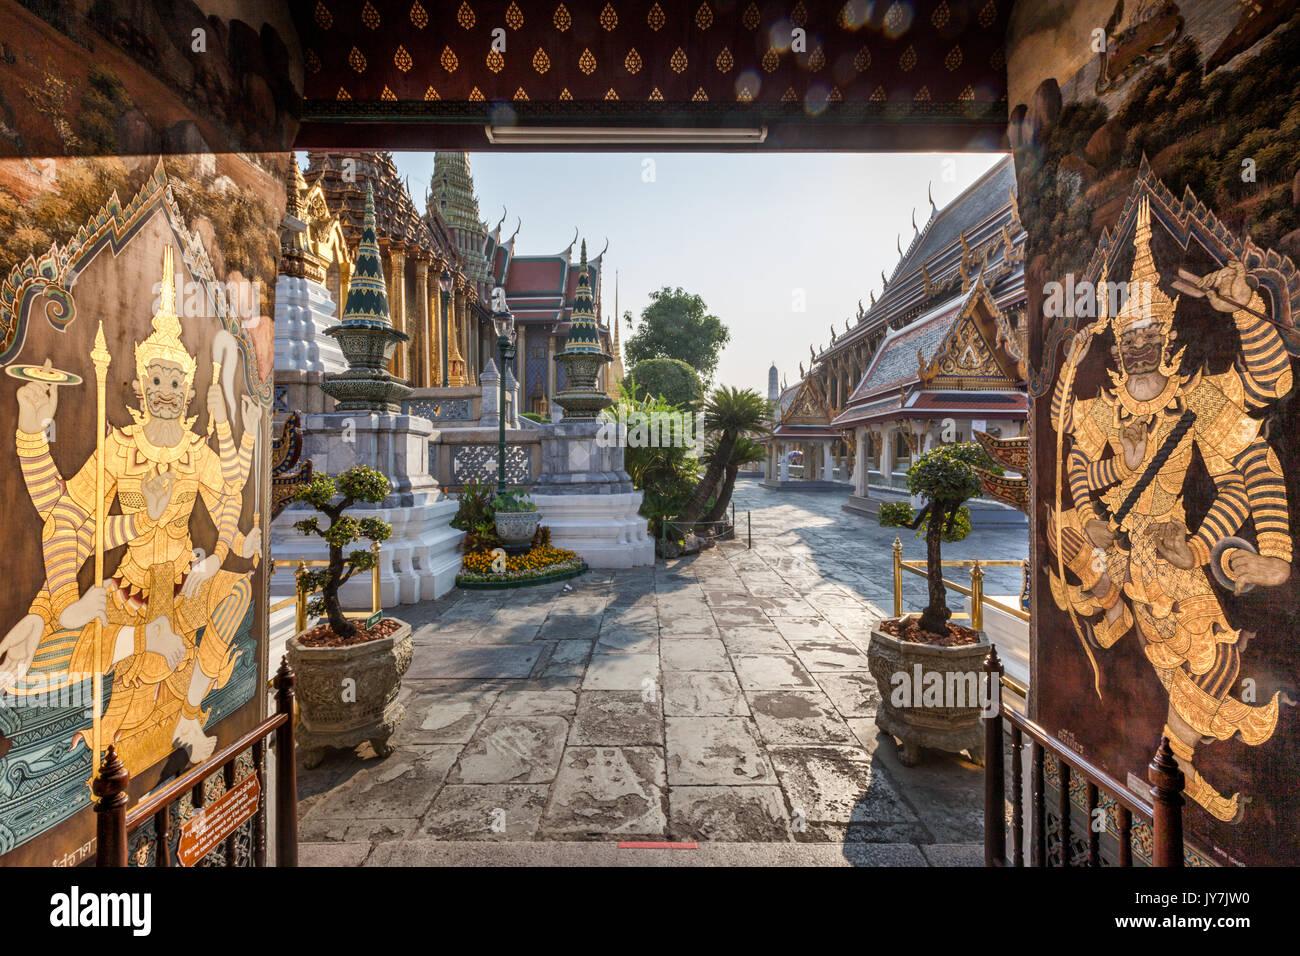 Porte d'entrée ouvragée avec décoration d'or de Wat Phra Kaew Temple du Bouddha d'Émeraude à l'intérieur du Grand Palace, Bangkok, Thaïlande Photo Stock